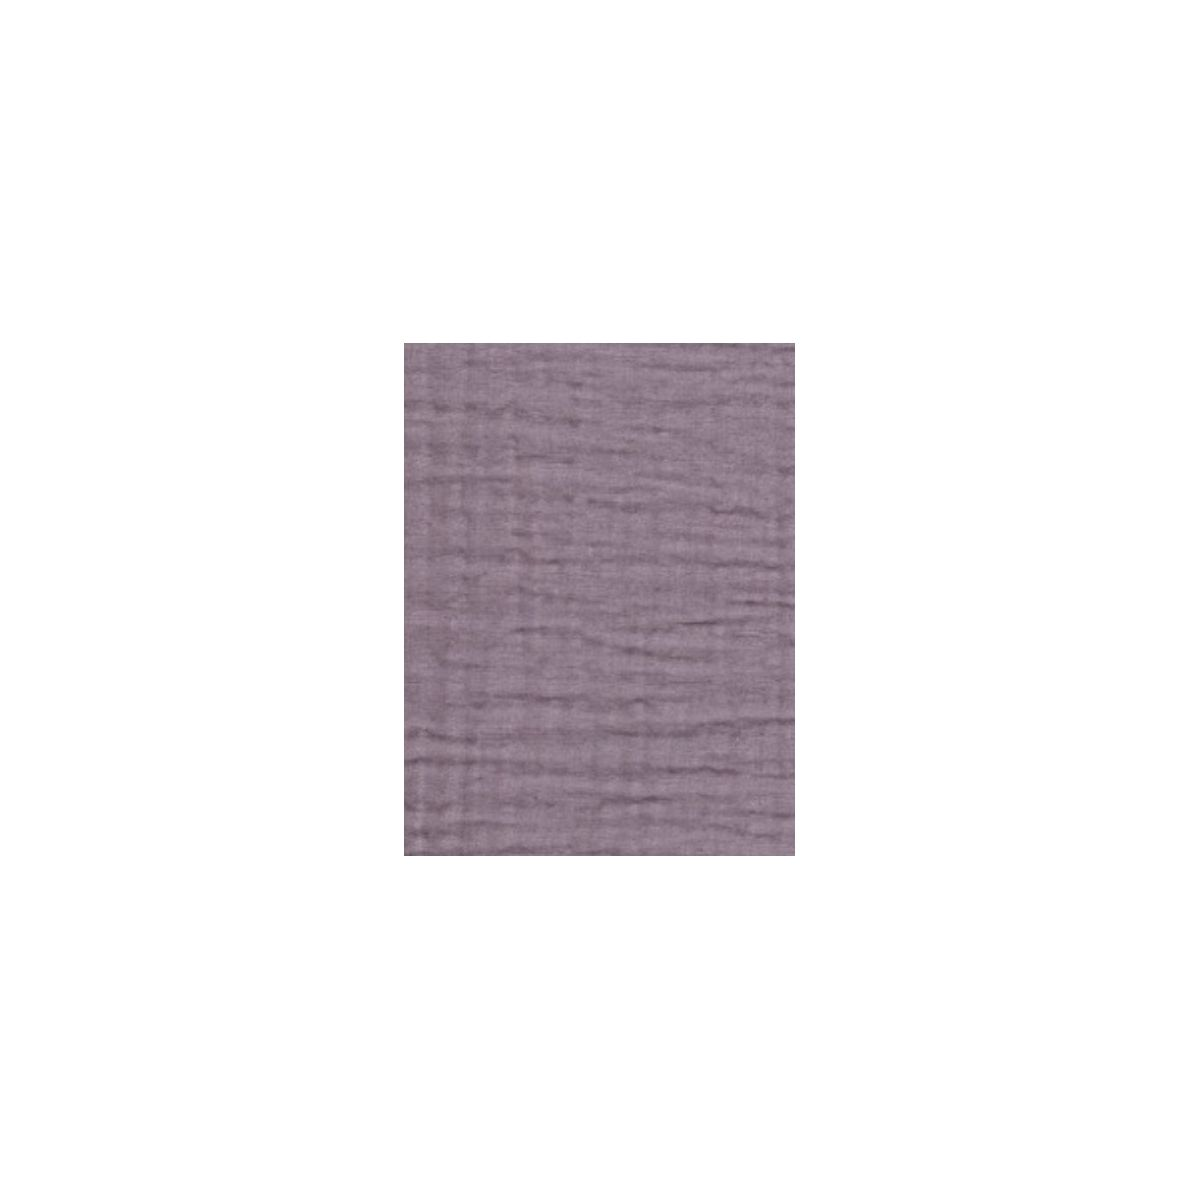 Duvet Cover Set dusty lilac - Numero 74